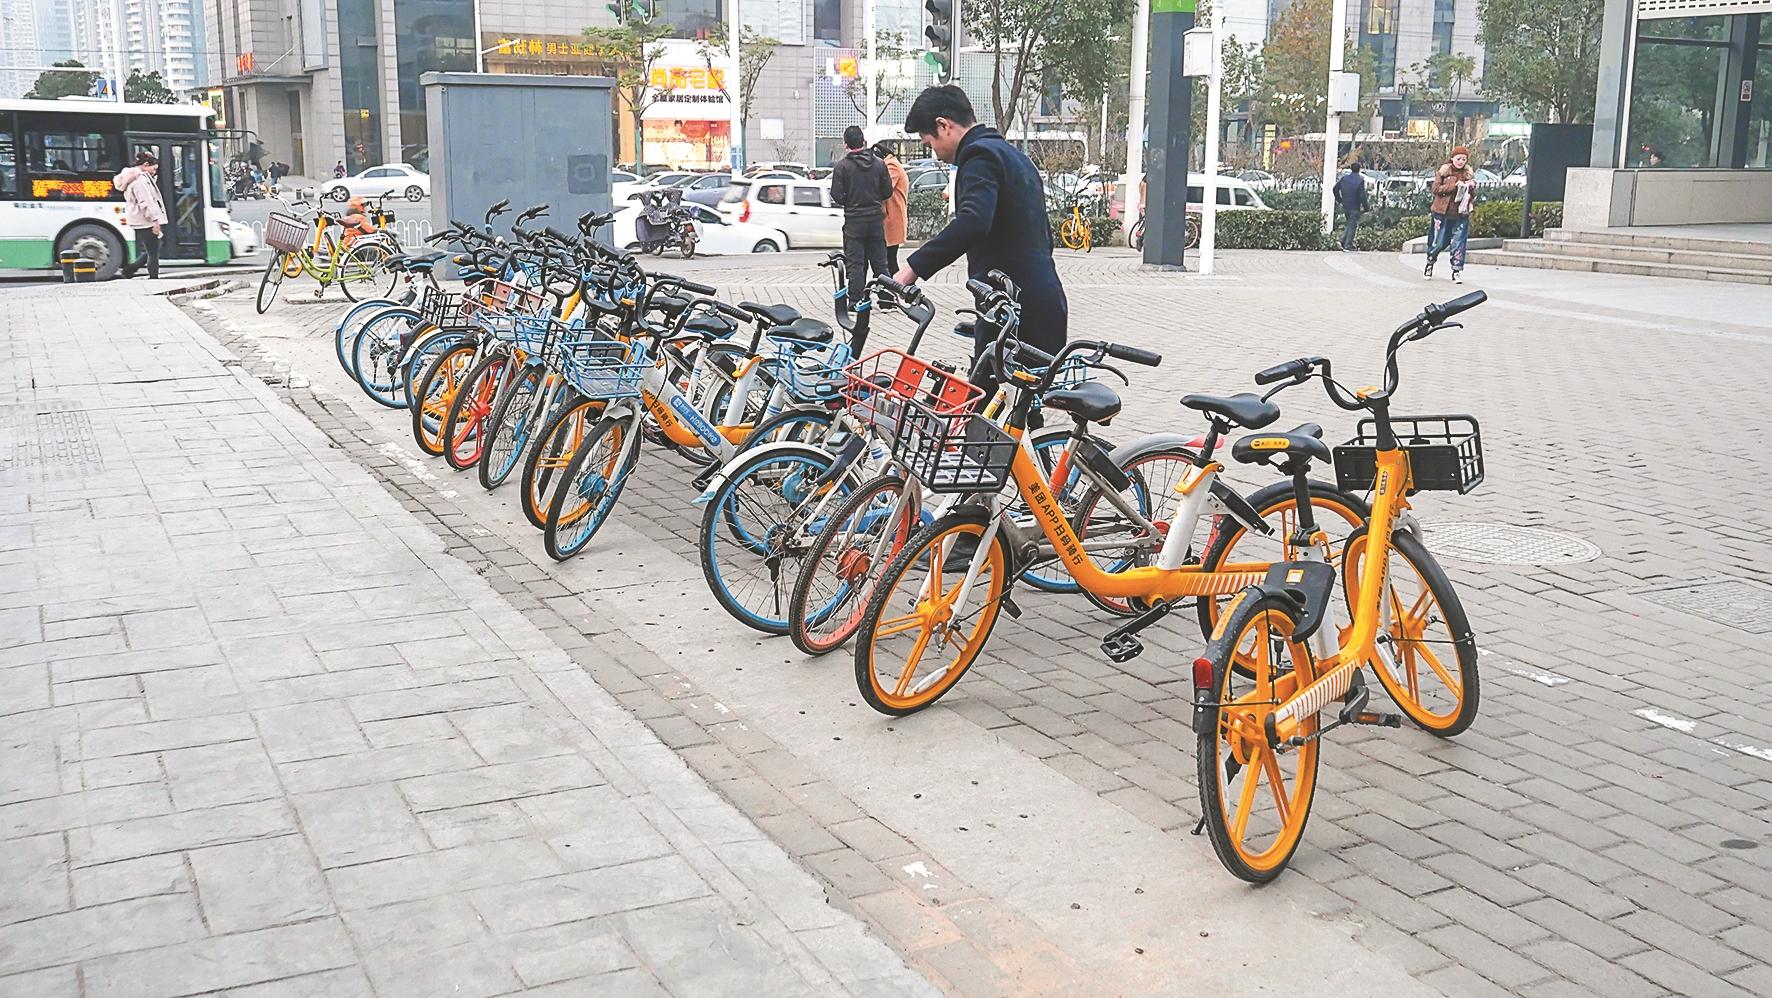 共享经济退烧逐步回归理性 共享单车和充电宝告别一元时代